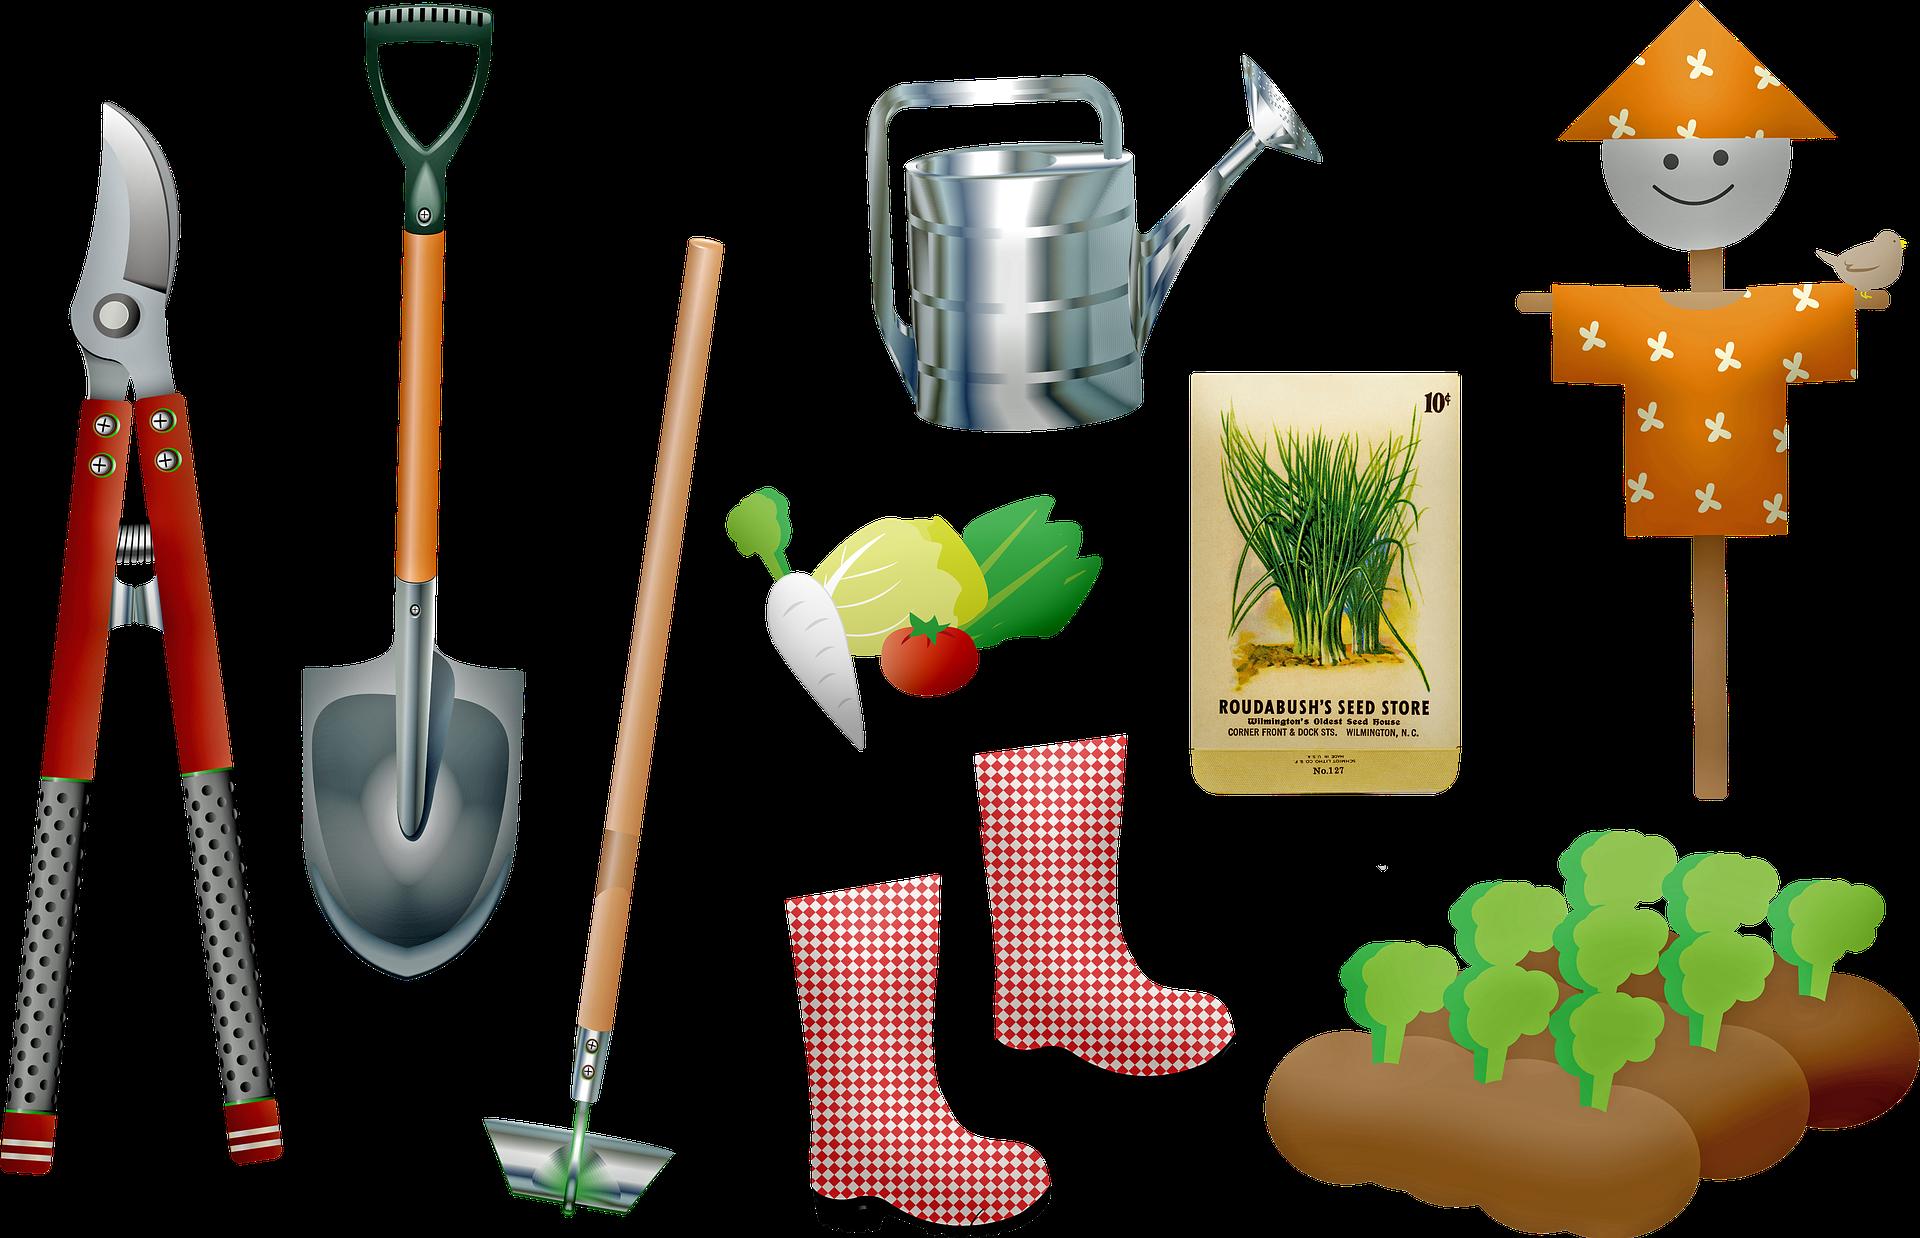 Outils de jardinage bien rangés